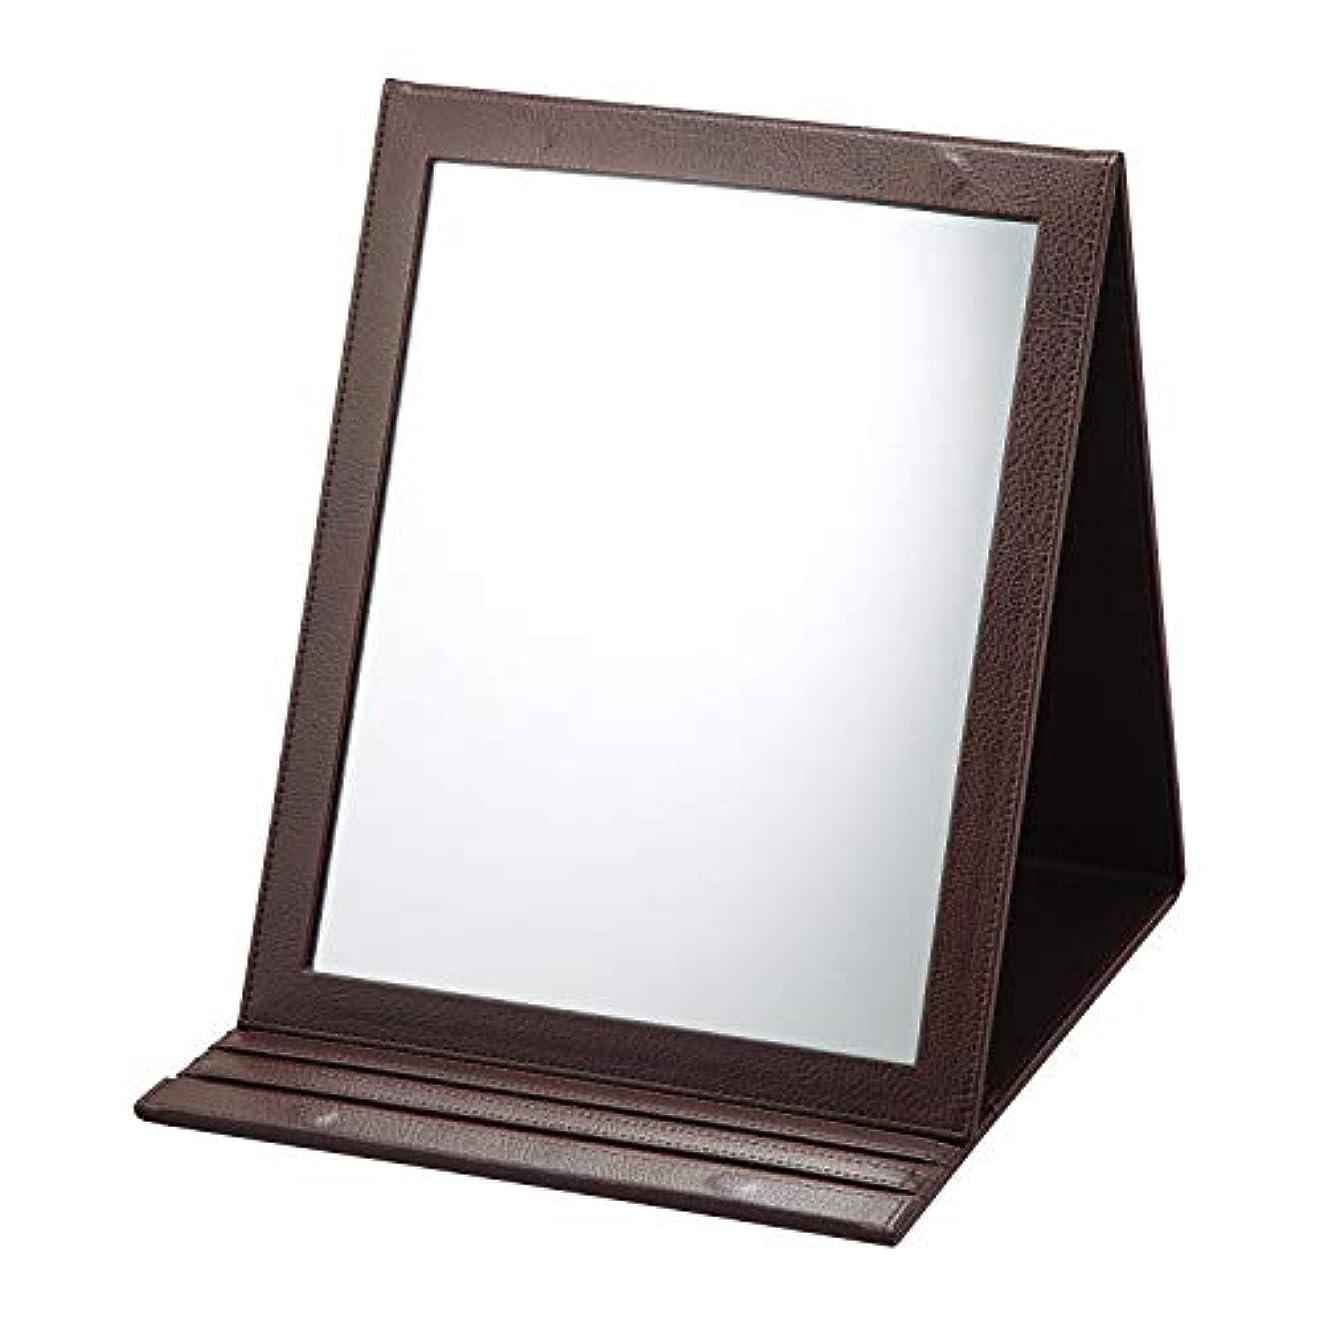 王族わかる早める折立鏡デカミラー 角度調整5段階 卓上 A4サイズ メイク 化粧 おりたたみ